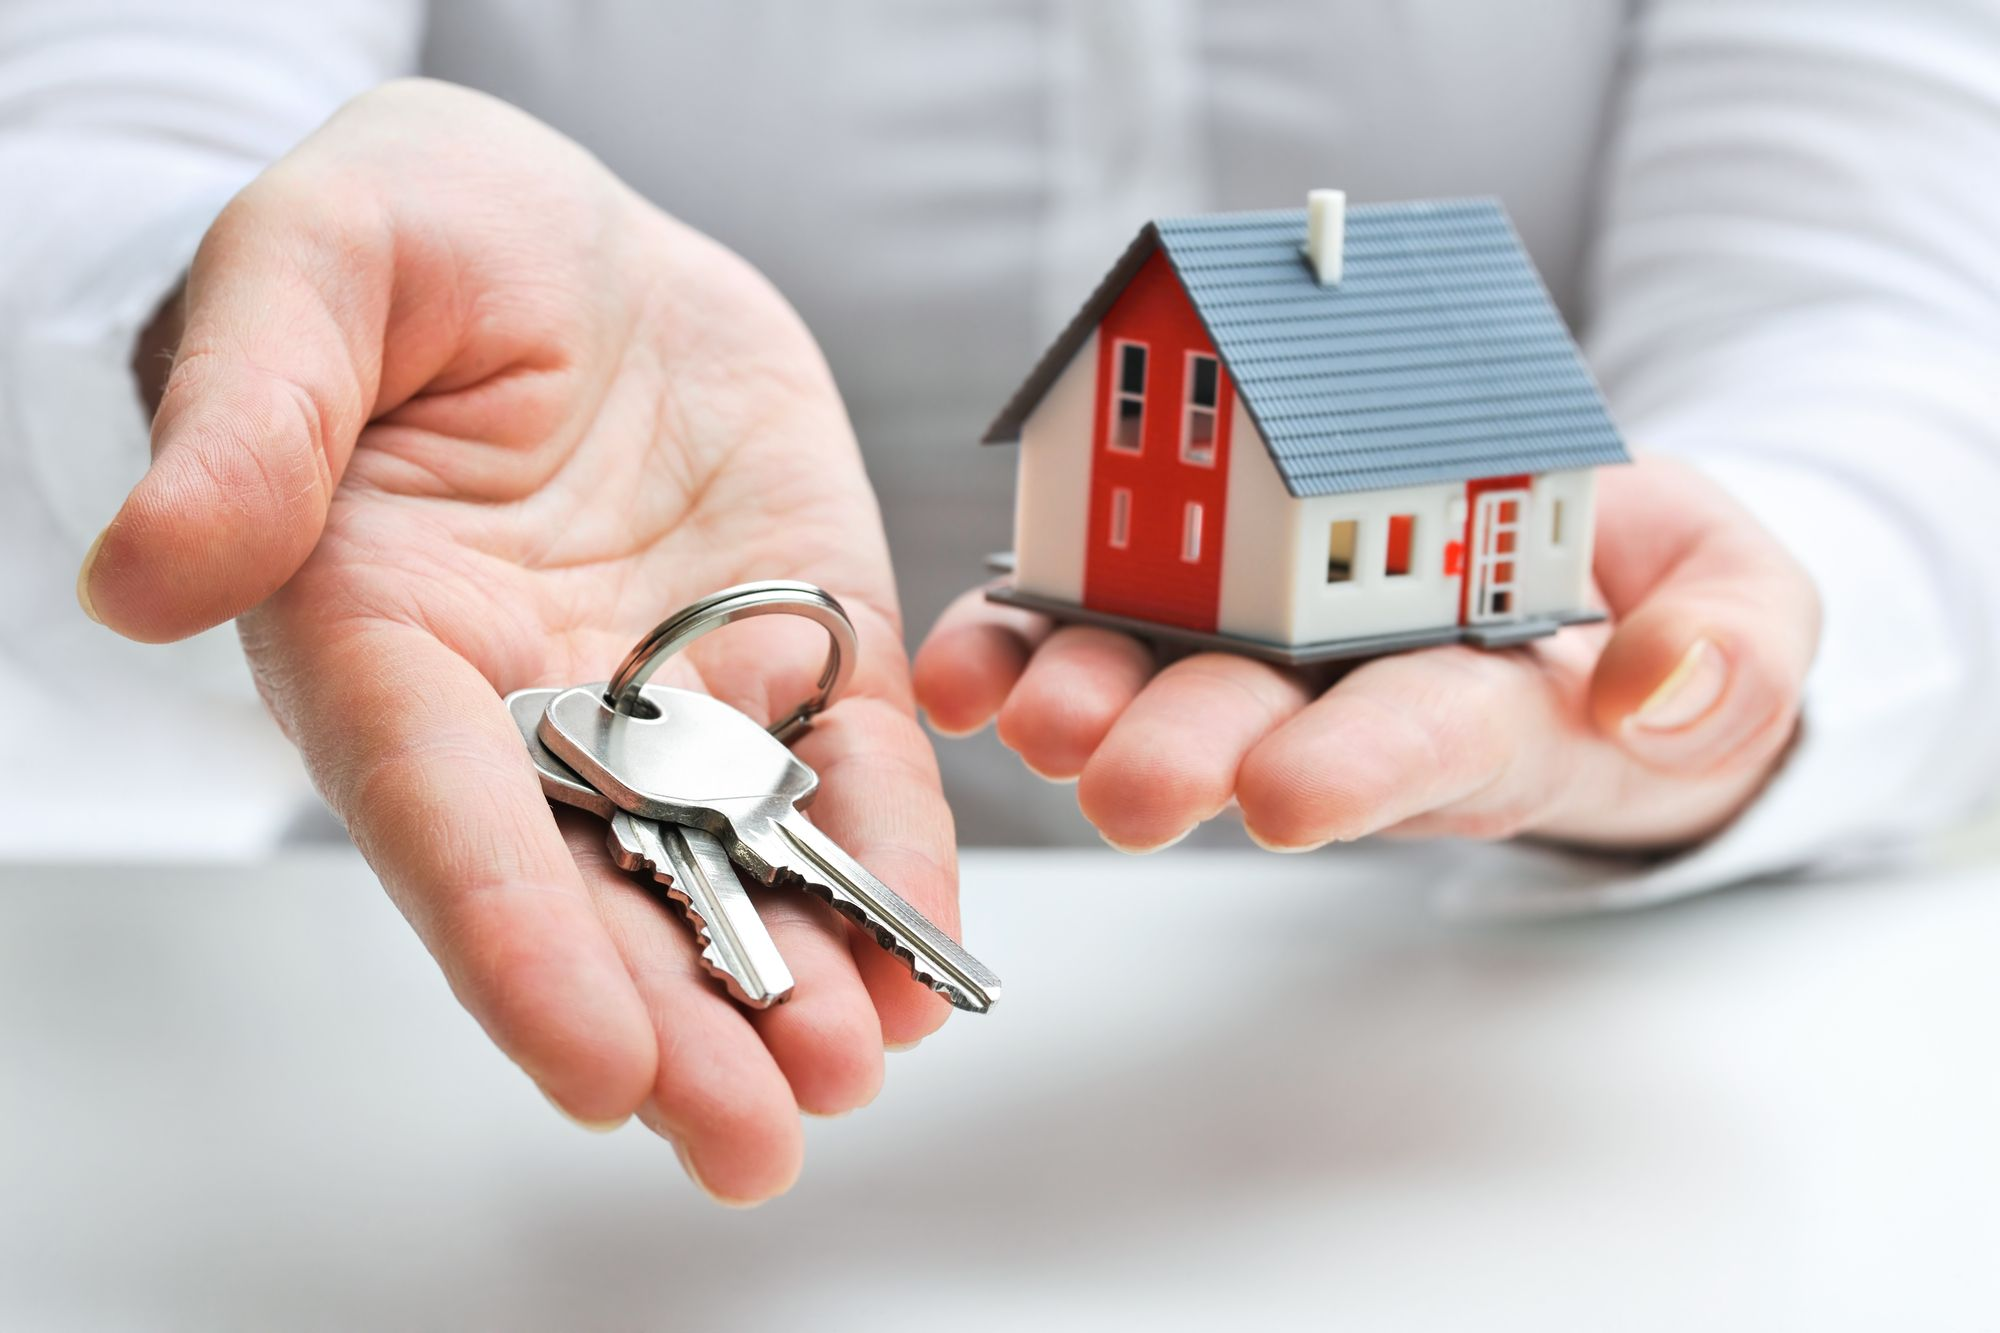 immobilien-kaufen